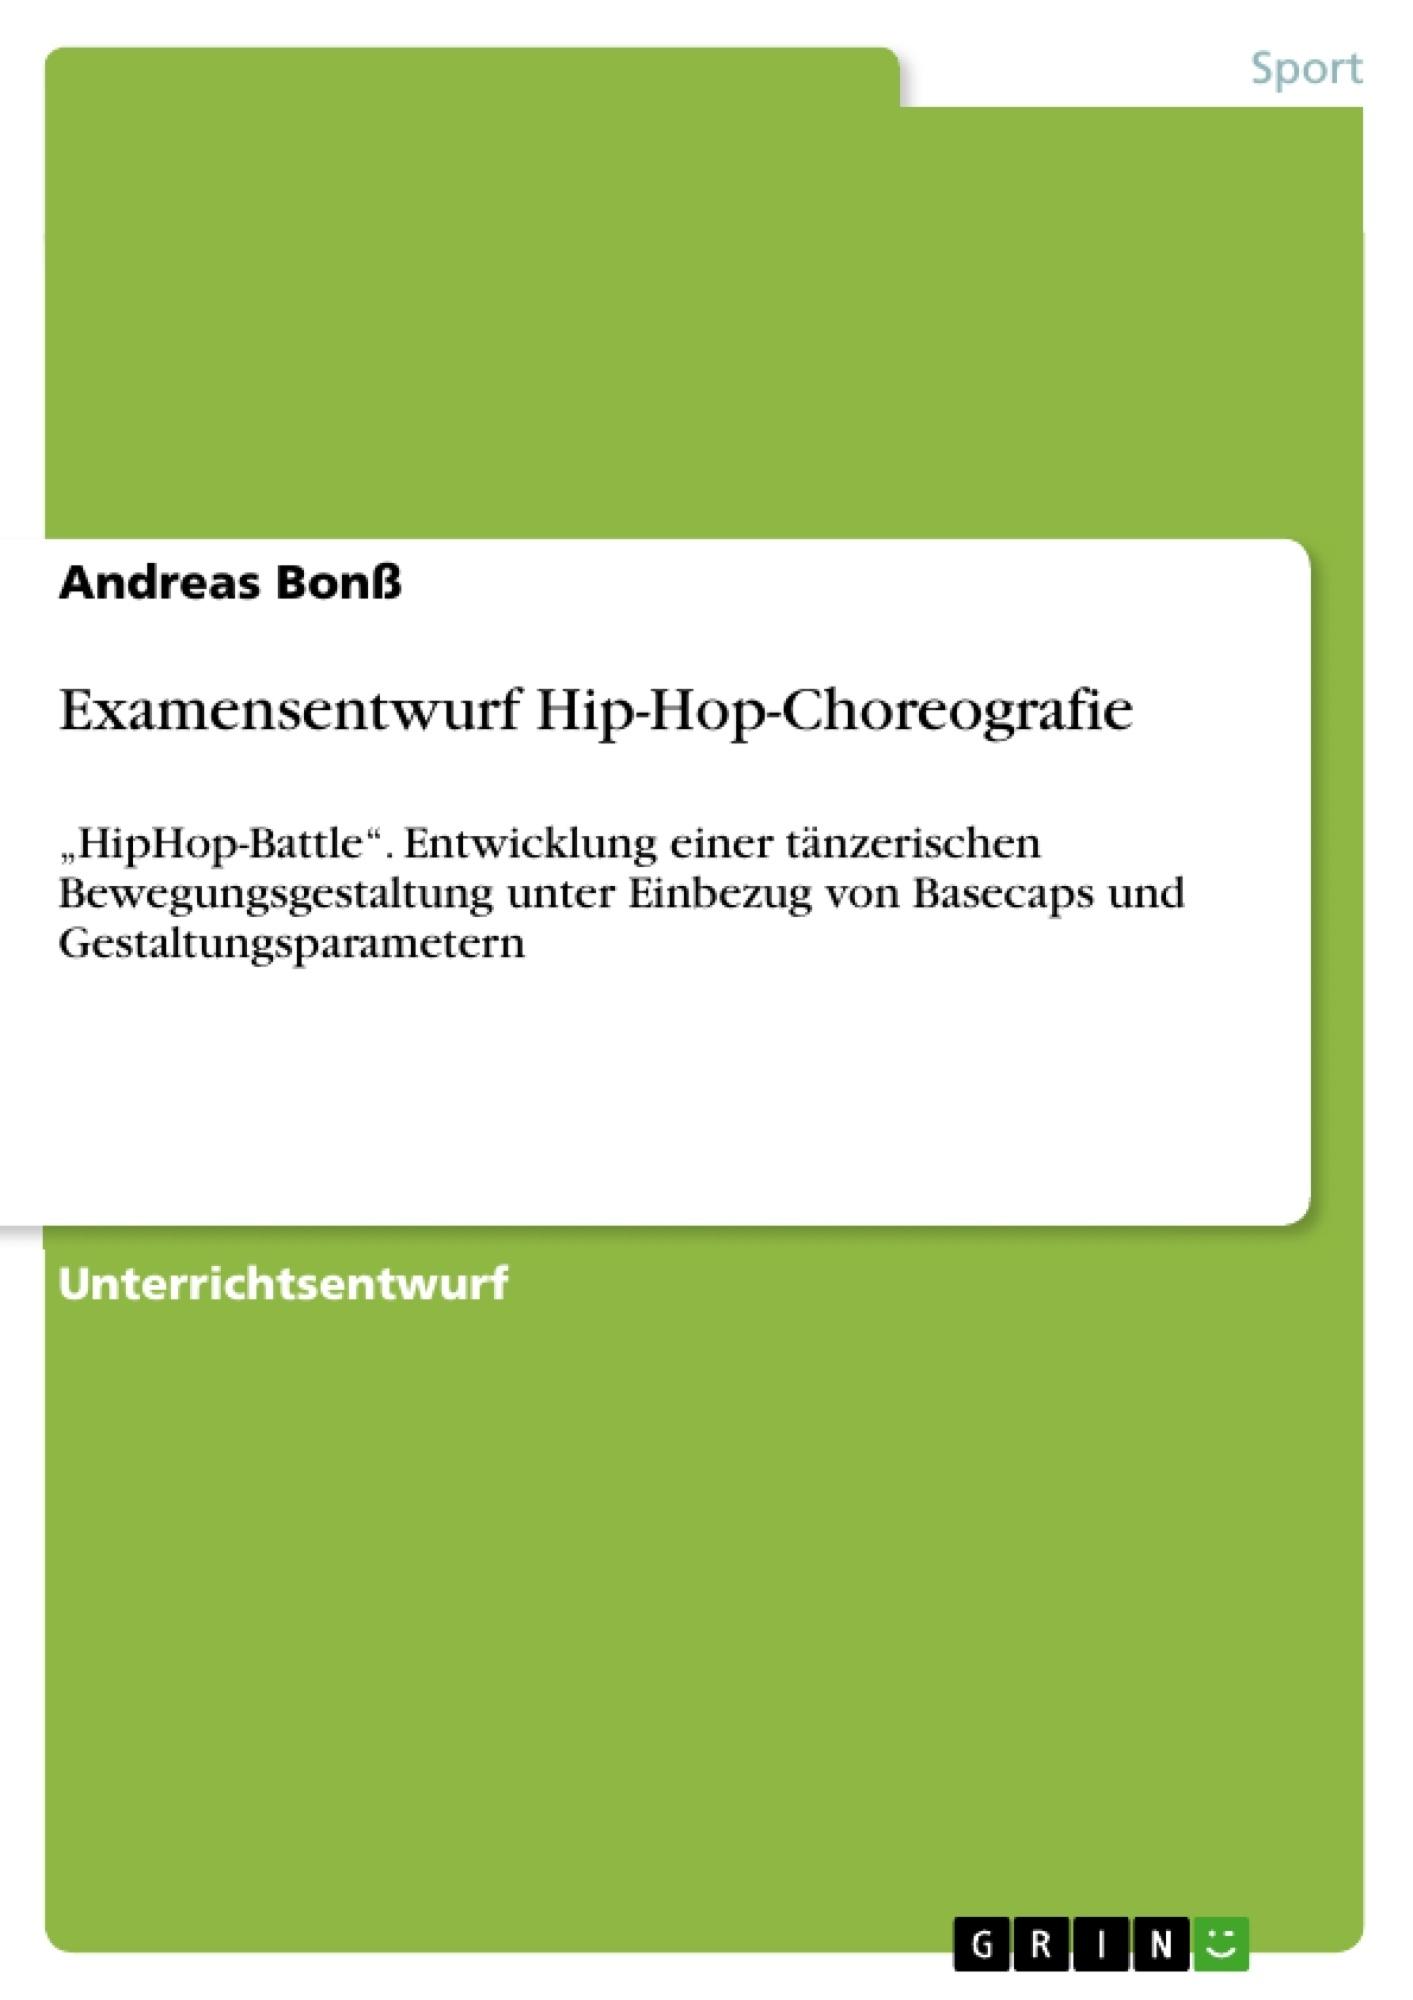 Titel: Examensentwurf Hip-Hop-Choreografie